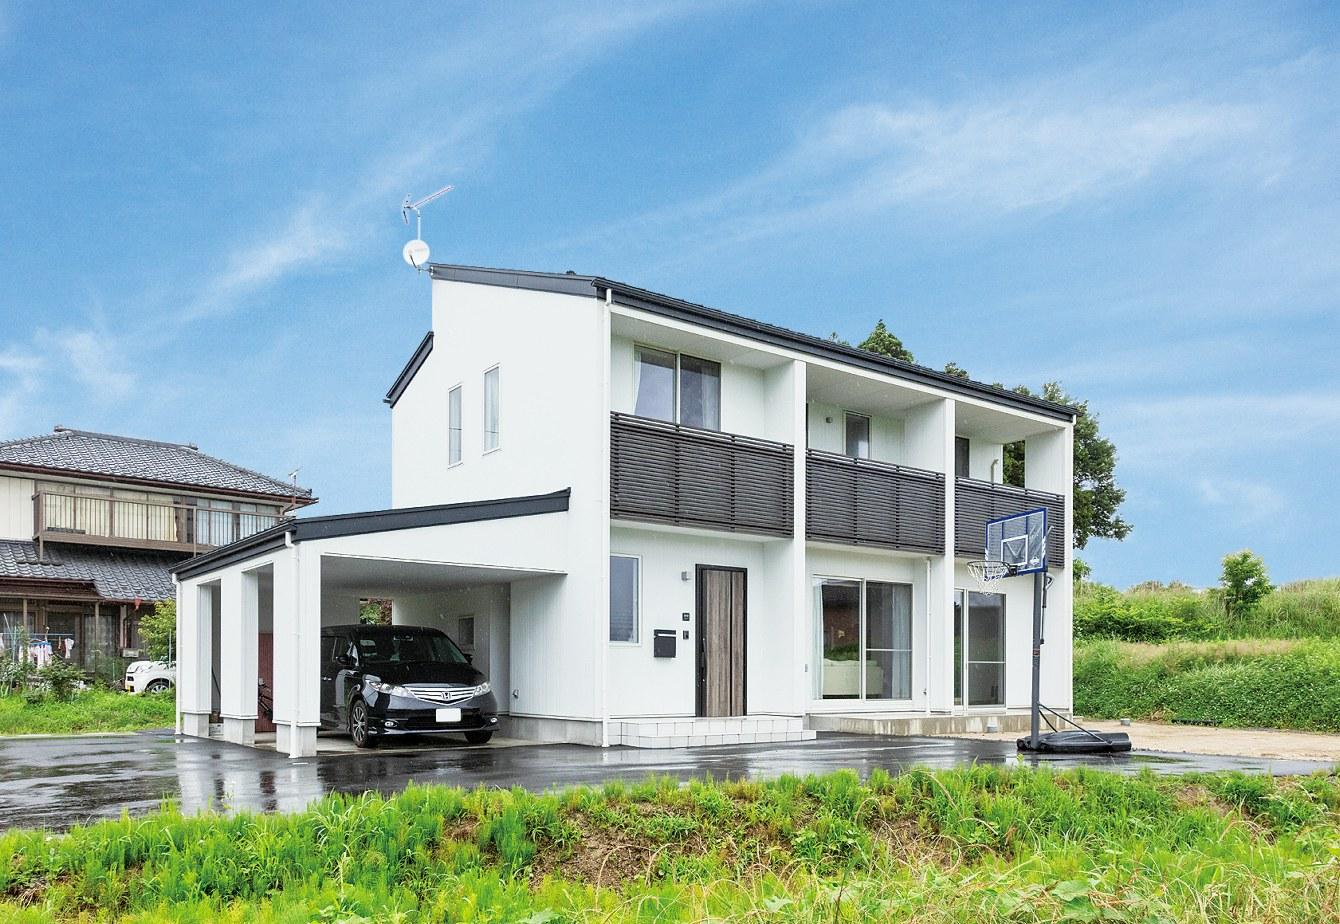 田村市の施工例、デザインも住み心地も妥協しない建築課とコラボした理想の家・田村産業3